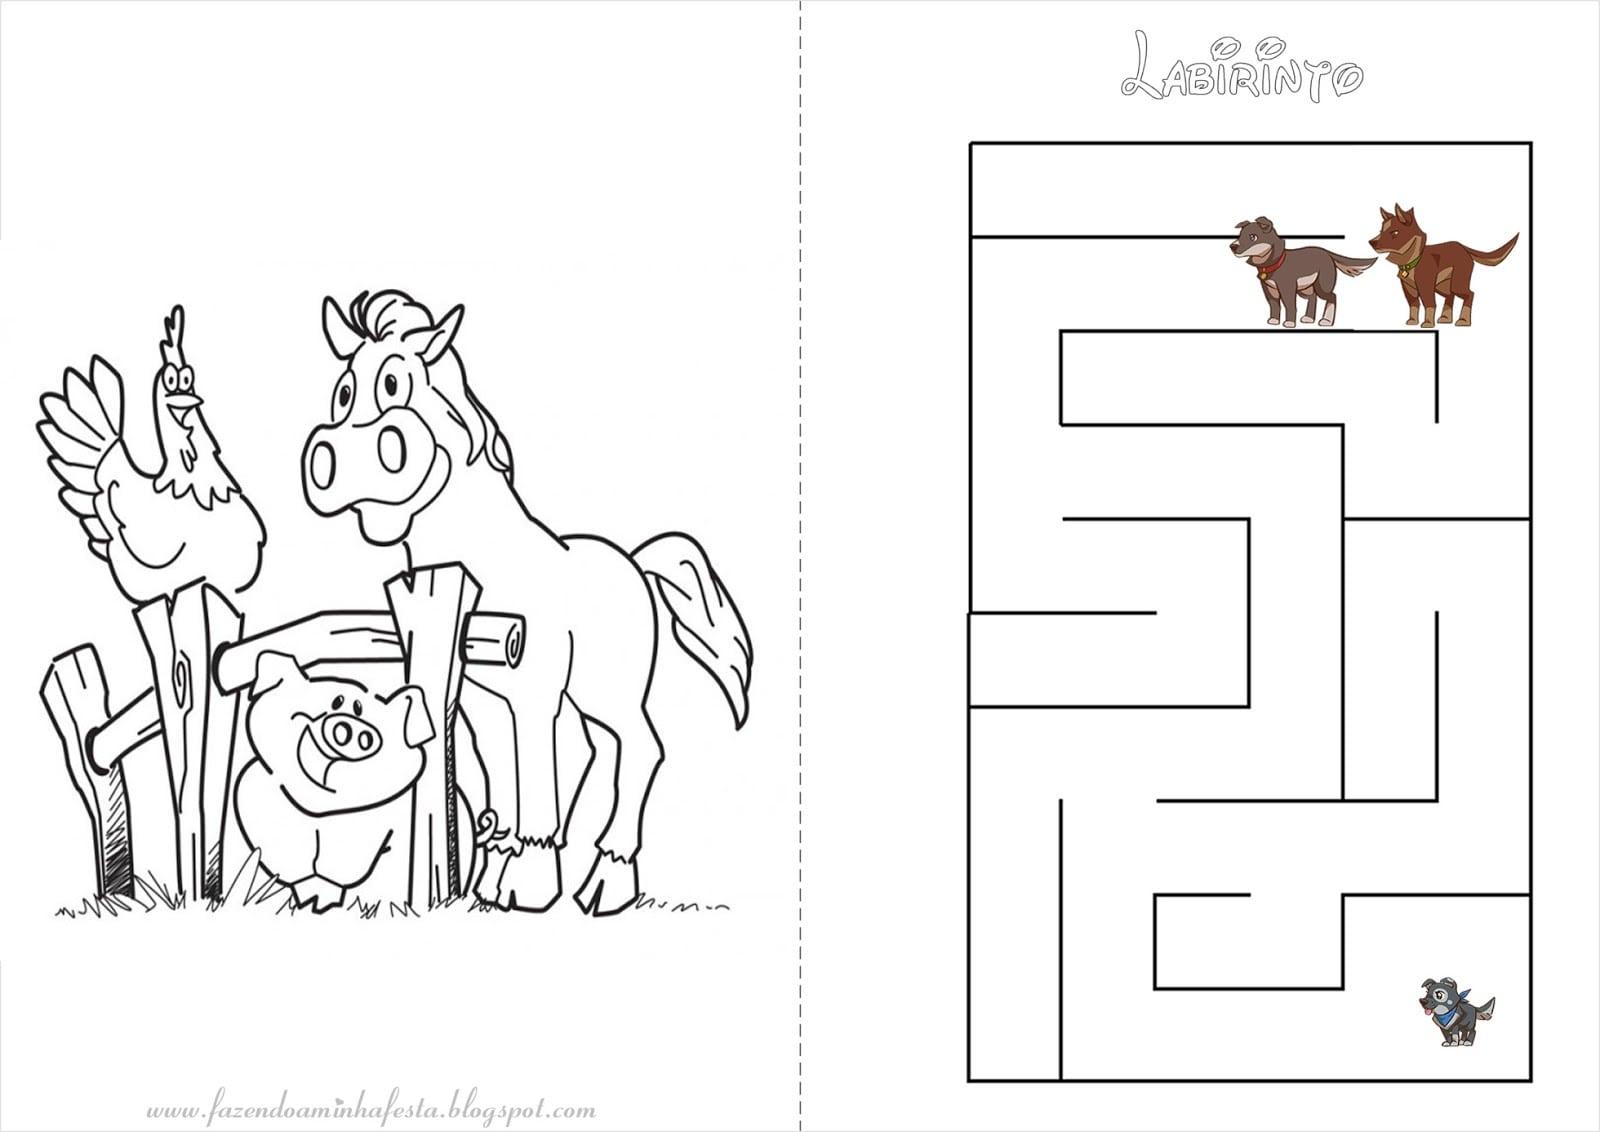 Letras Minegraft Fazendo A Nossa Festa: Desenhos Para Colorir Fazendinha